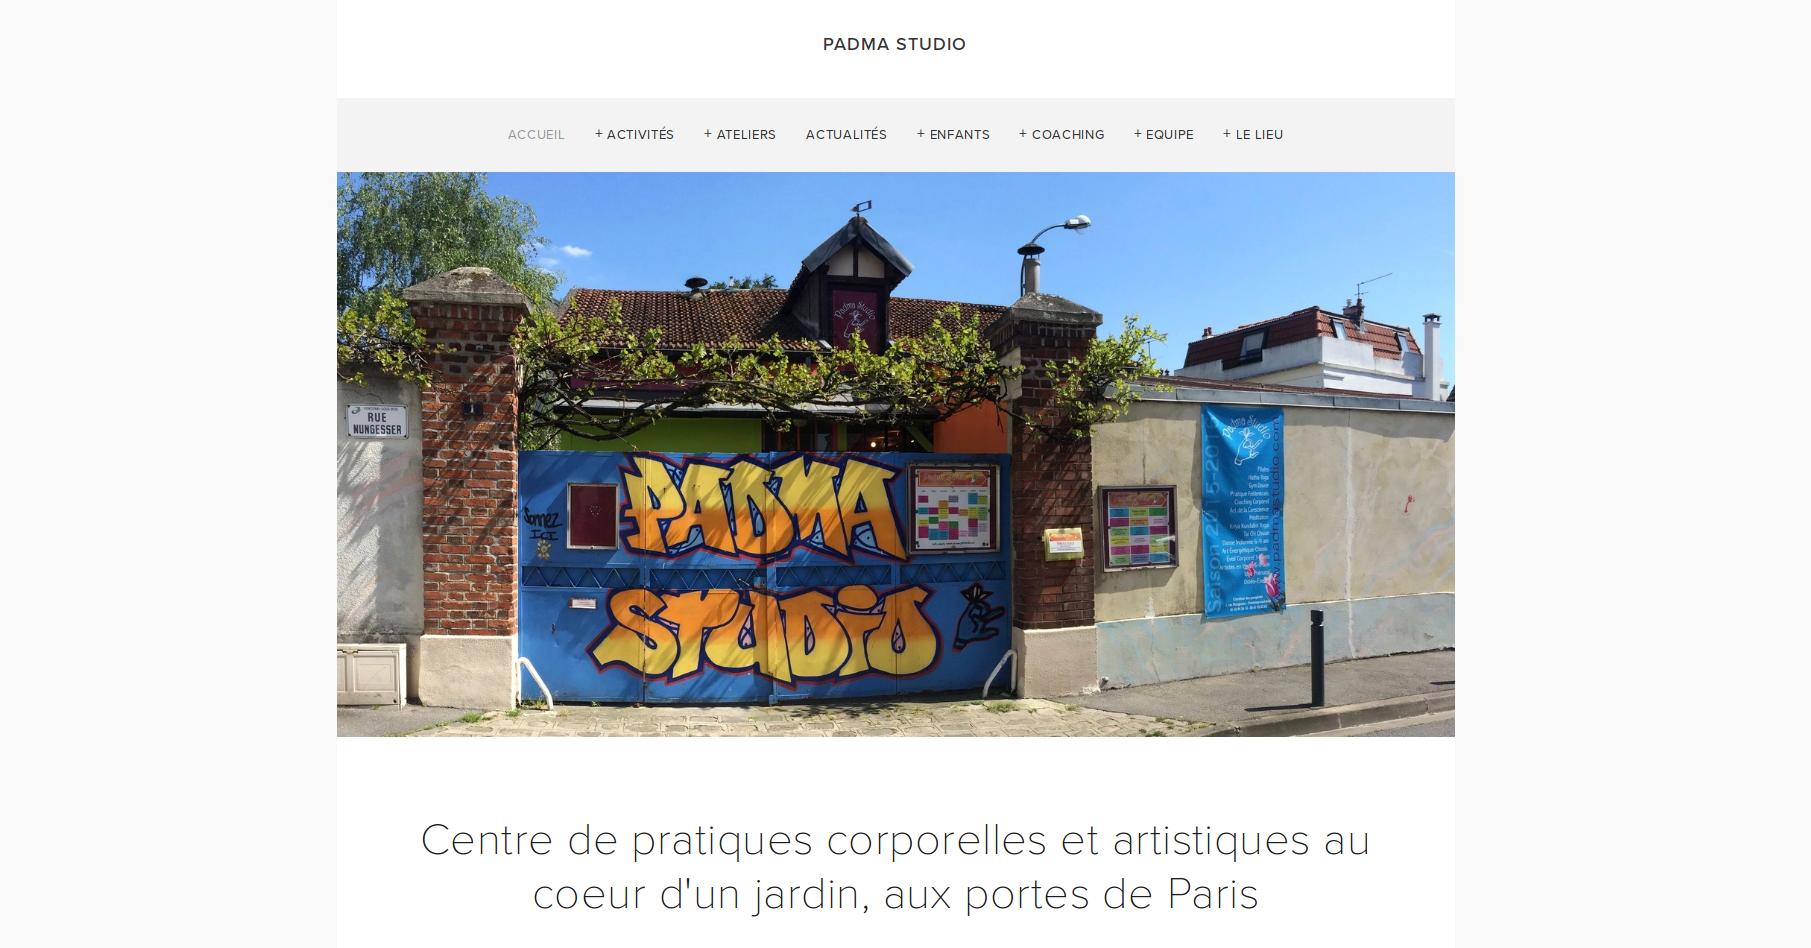 Padma Studio